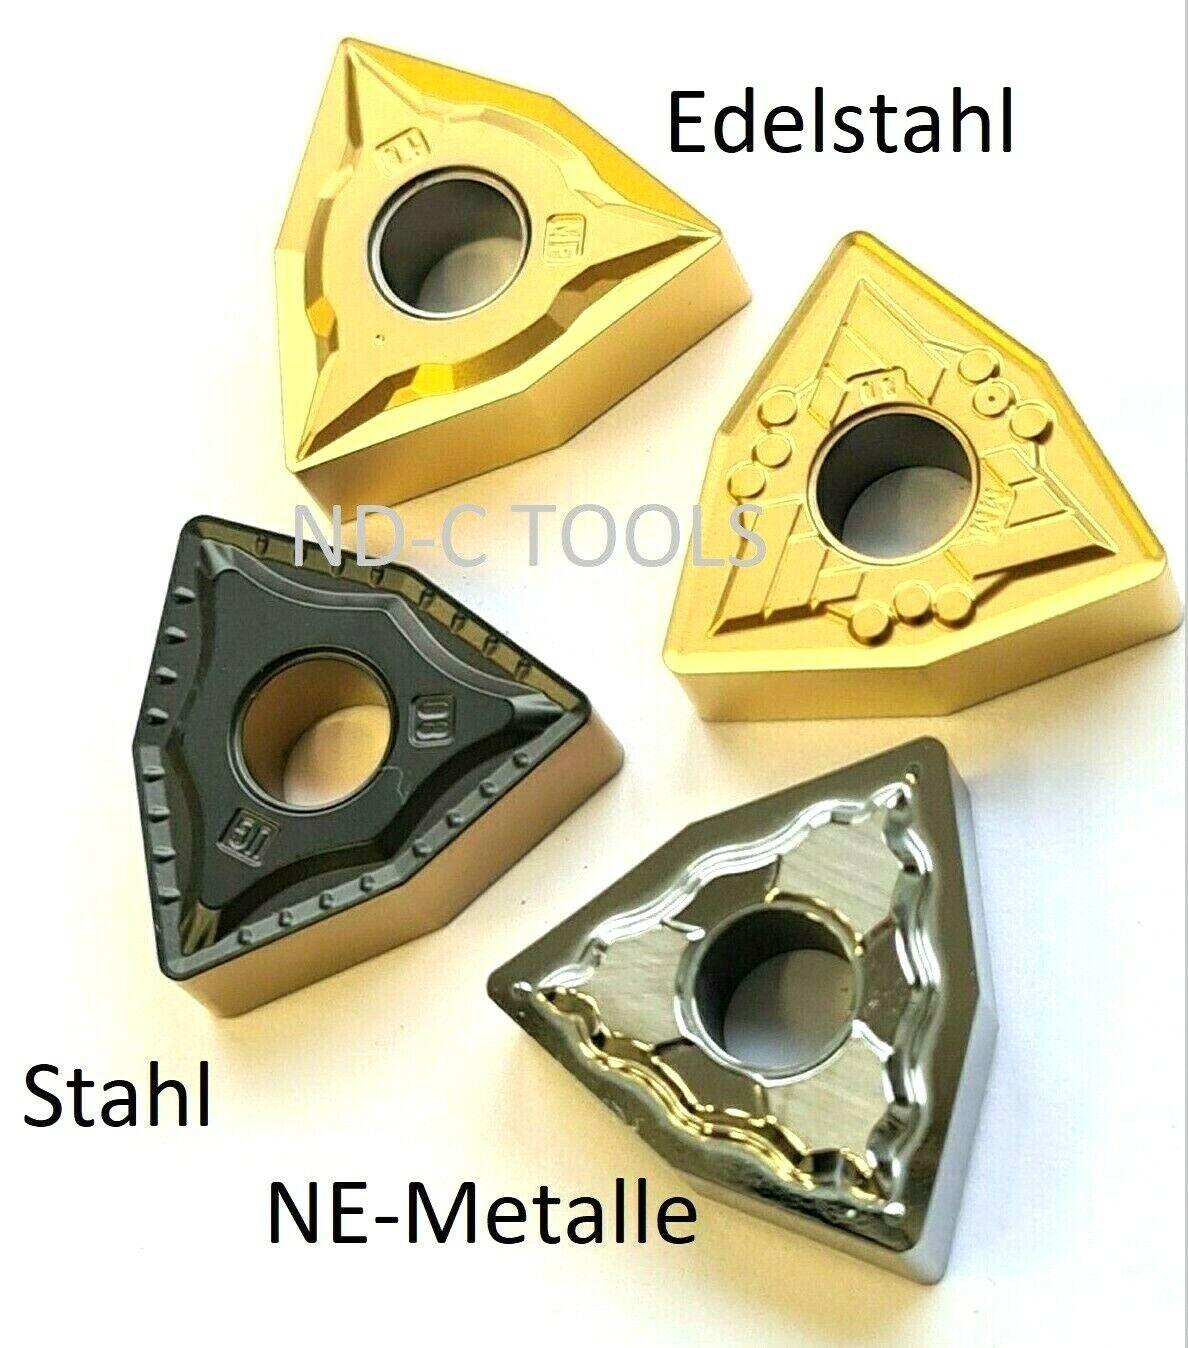 10x WNMG0804... für Stahl, Edelstahl & NE-Metalle